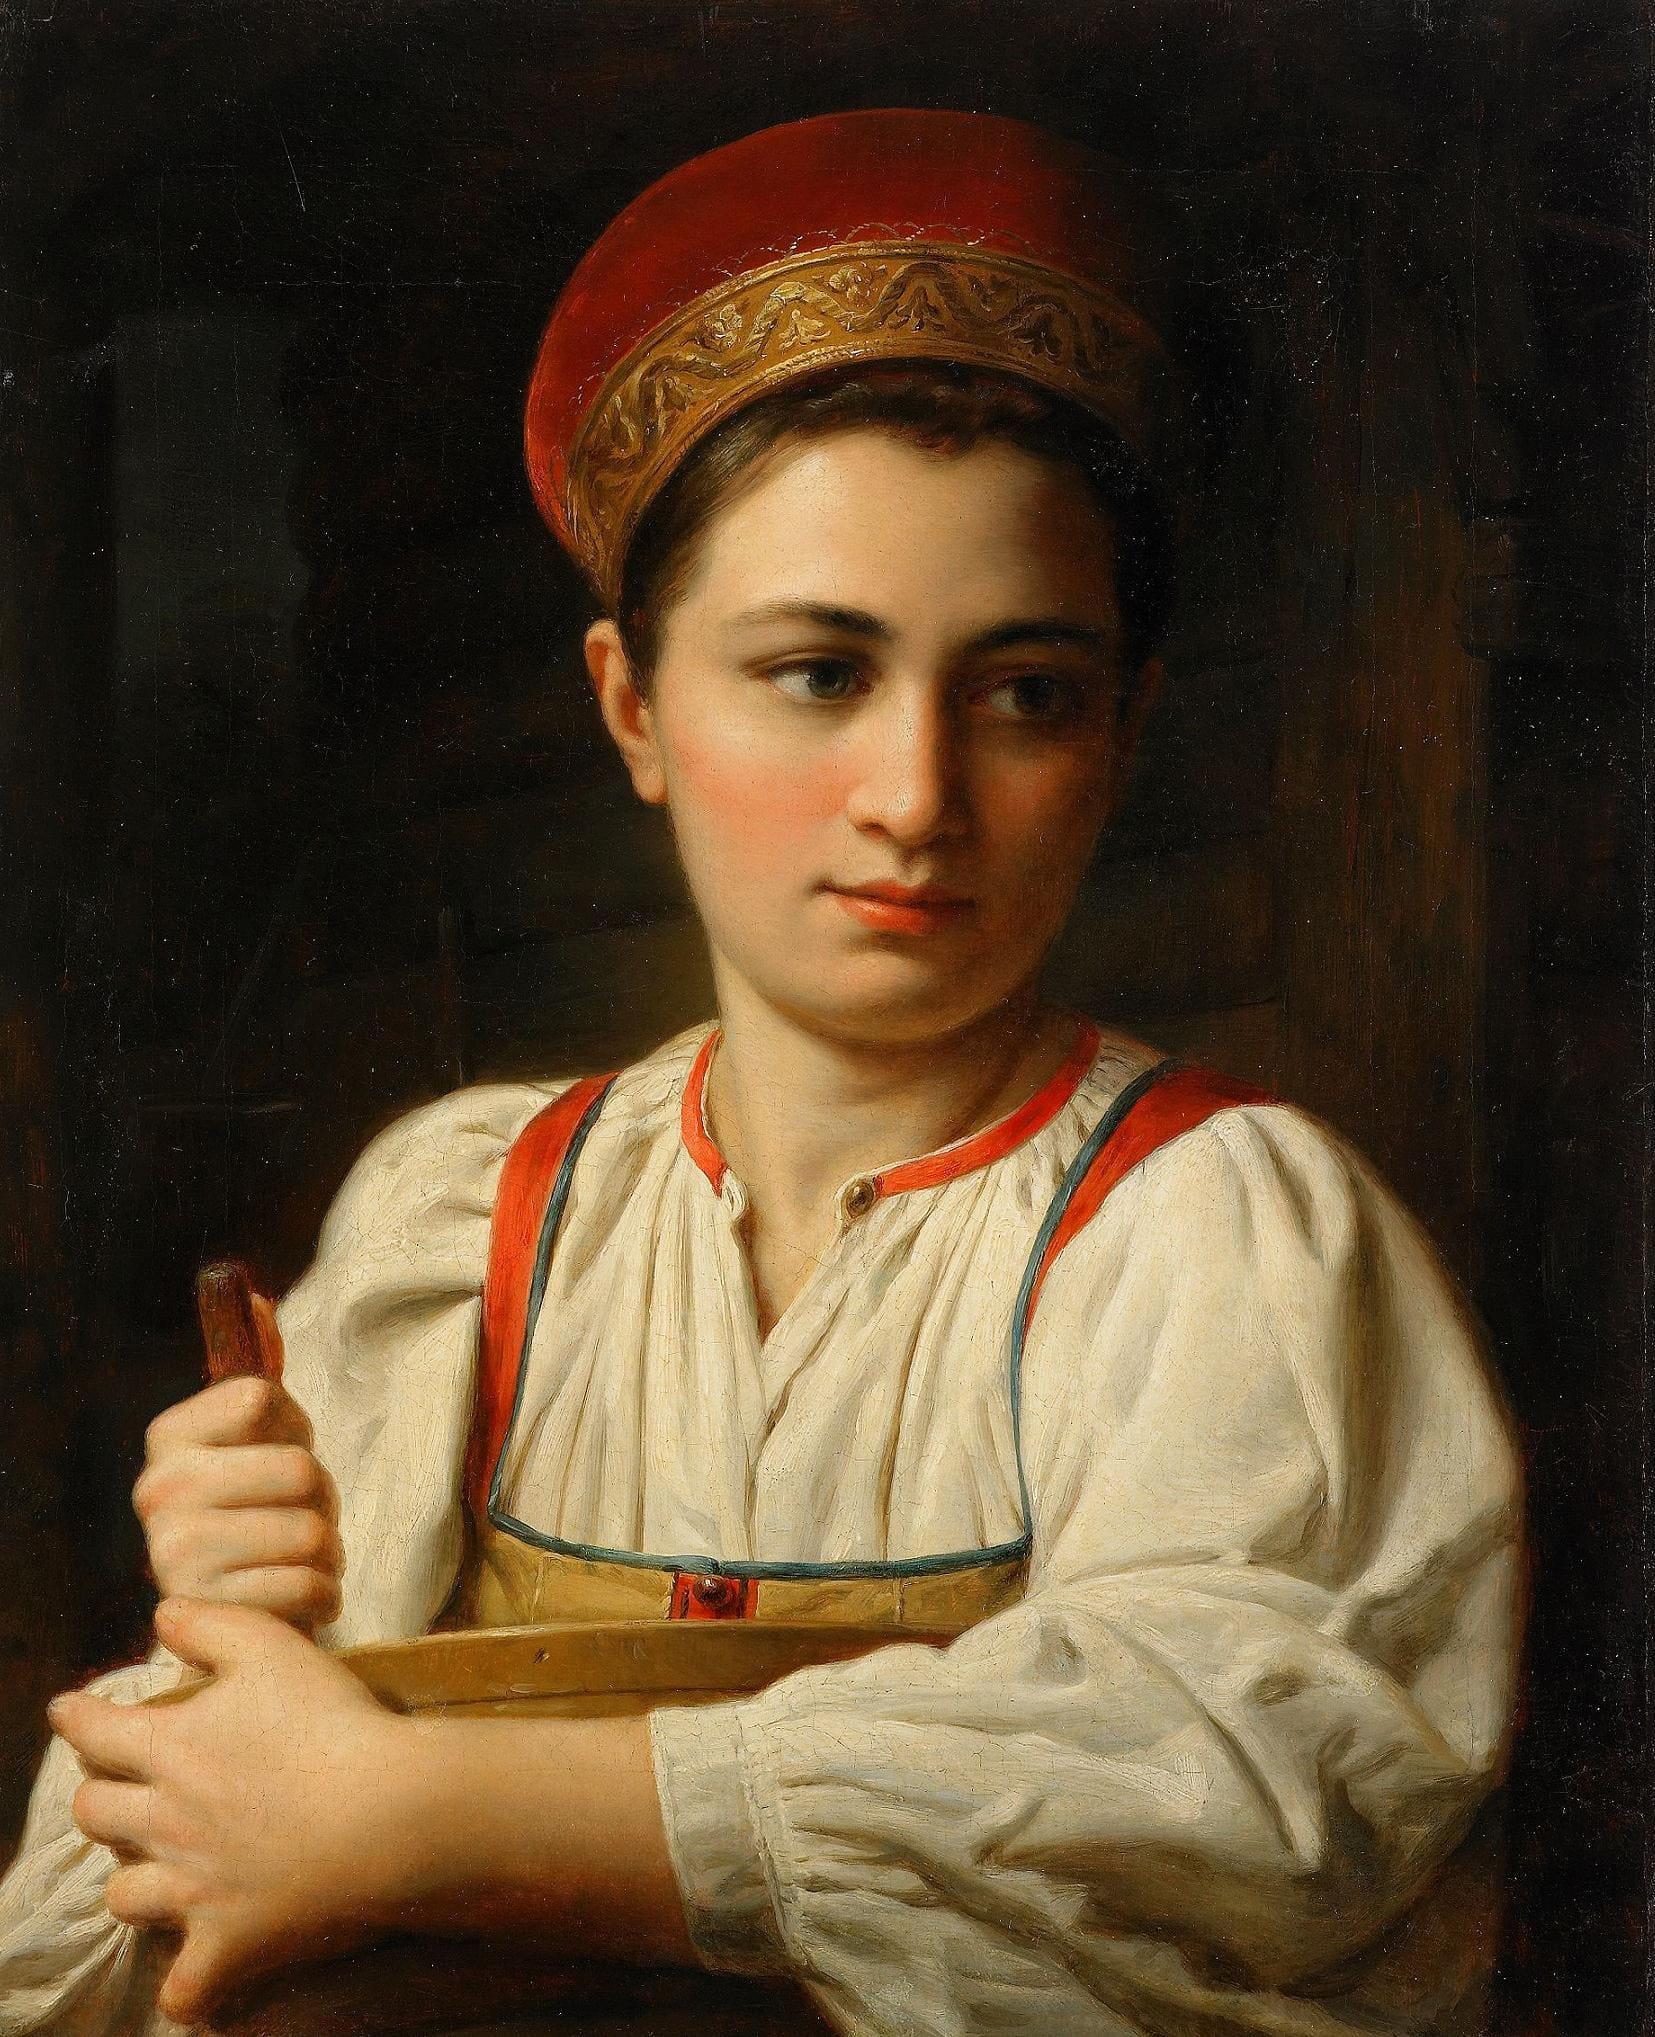 Неизвестный художник «Крестьянка в кокошнике», XIX век